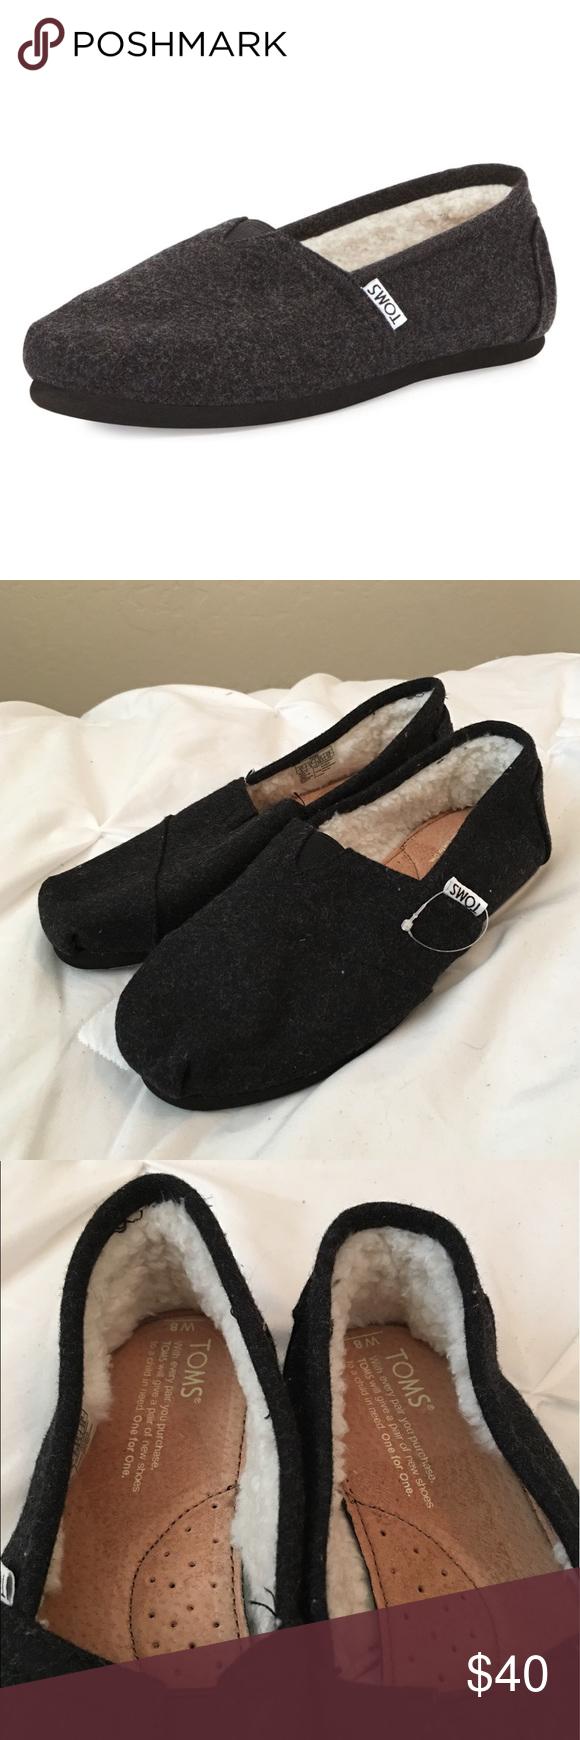 01098c454c7 Toms Classic Wooly Fleece Slip On New - never worn! The fleece